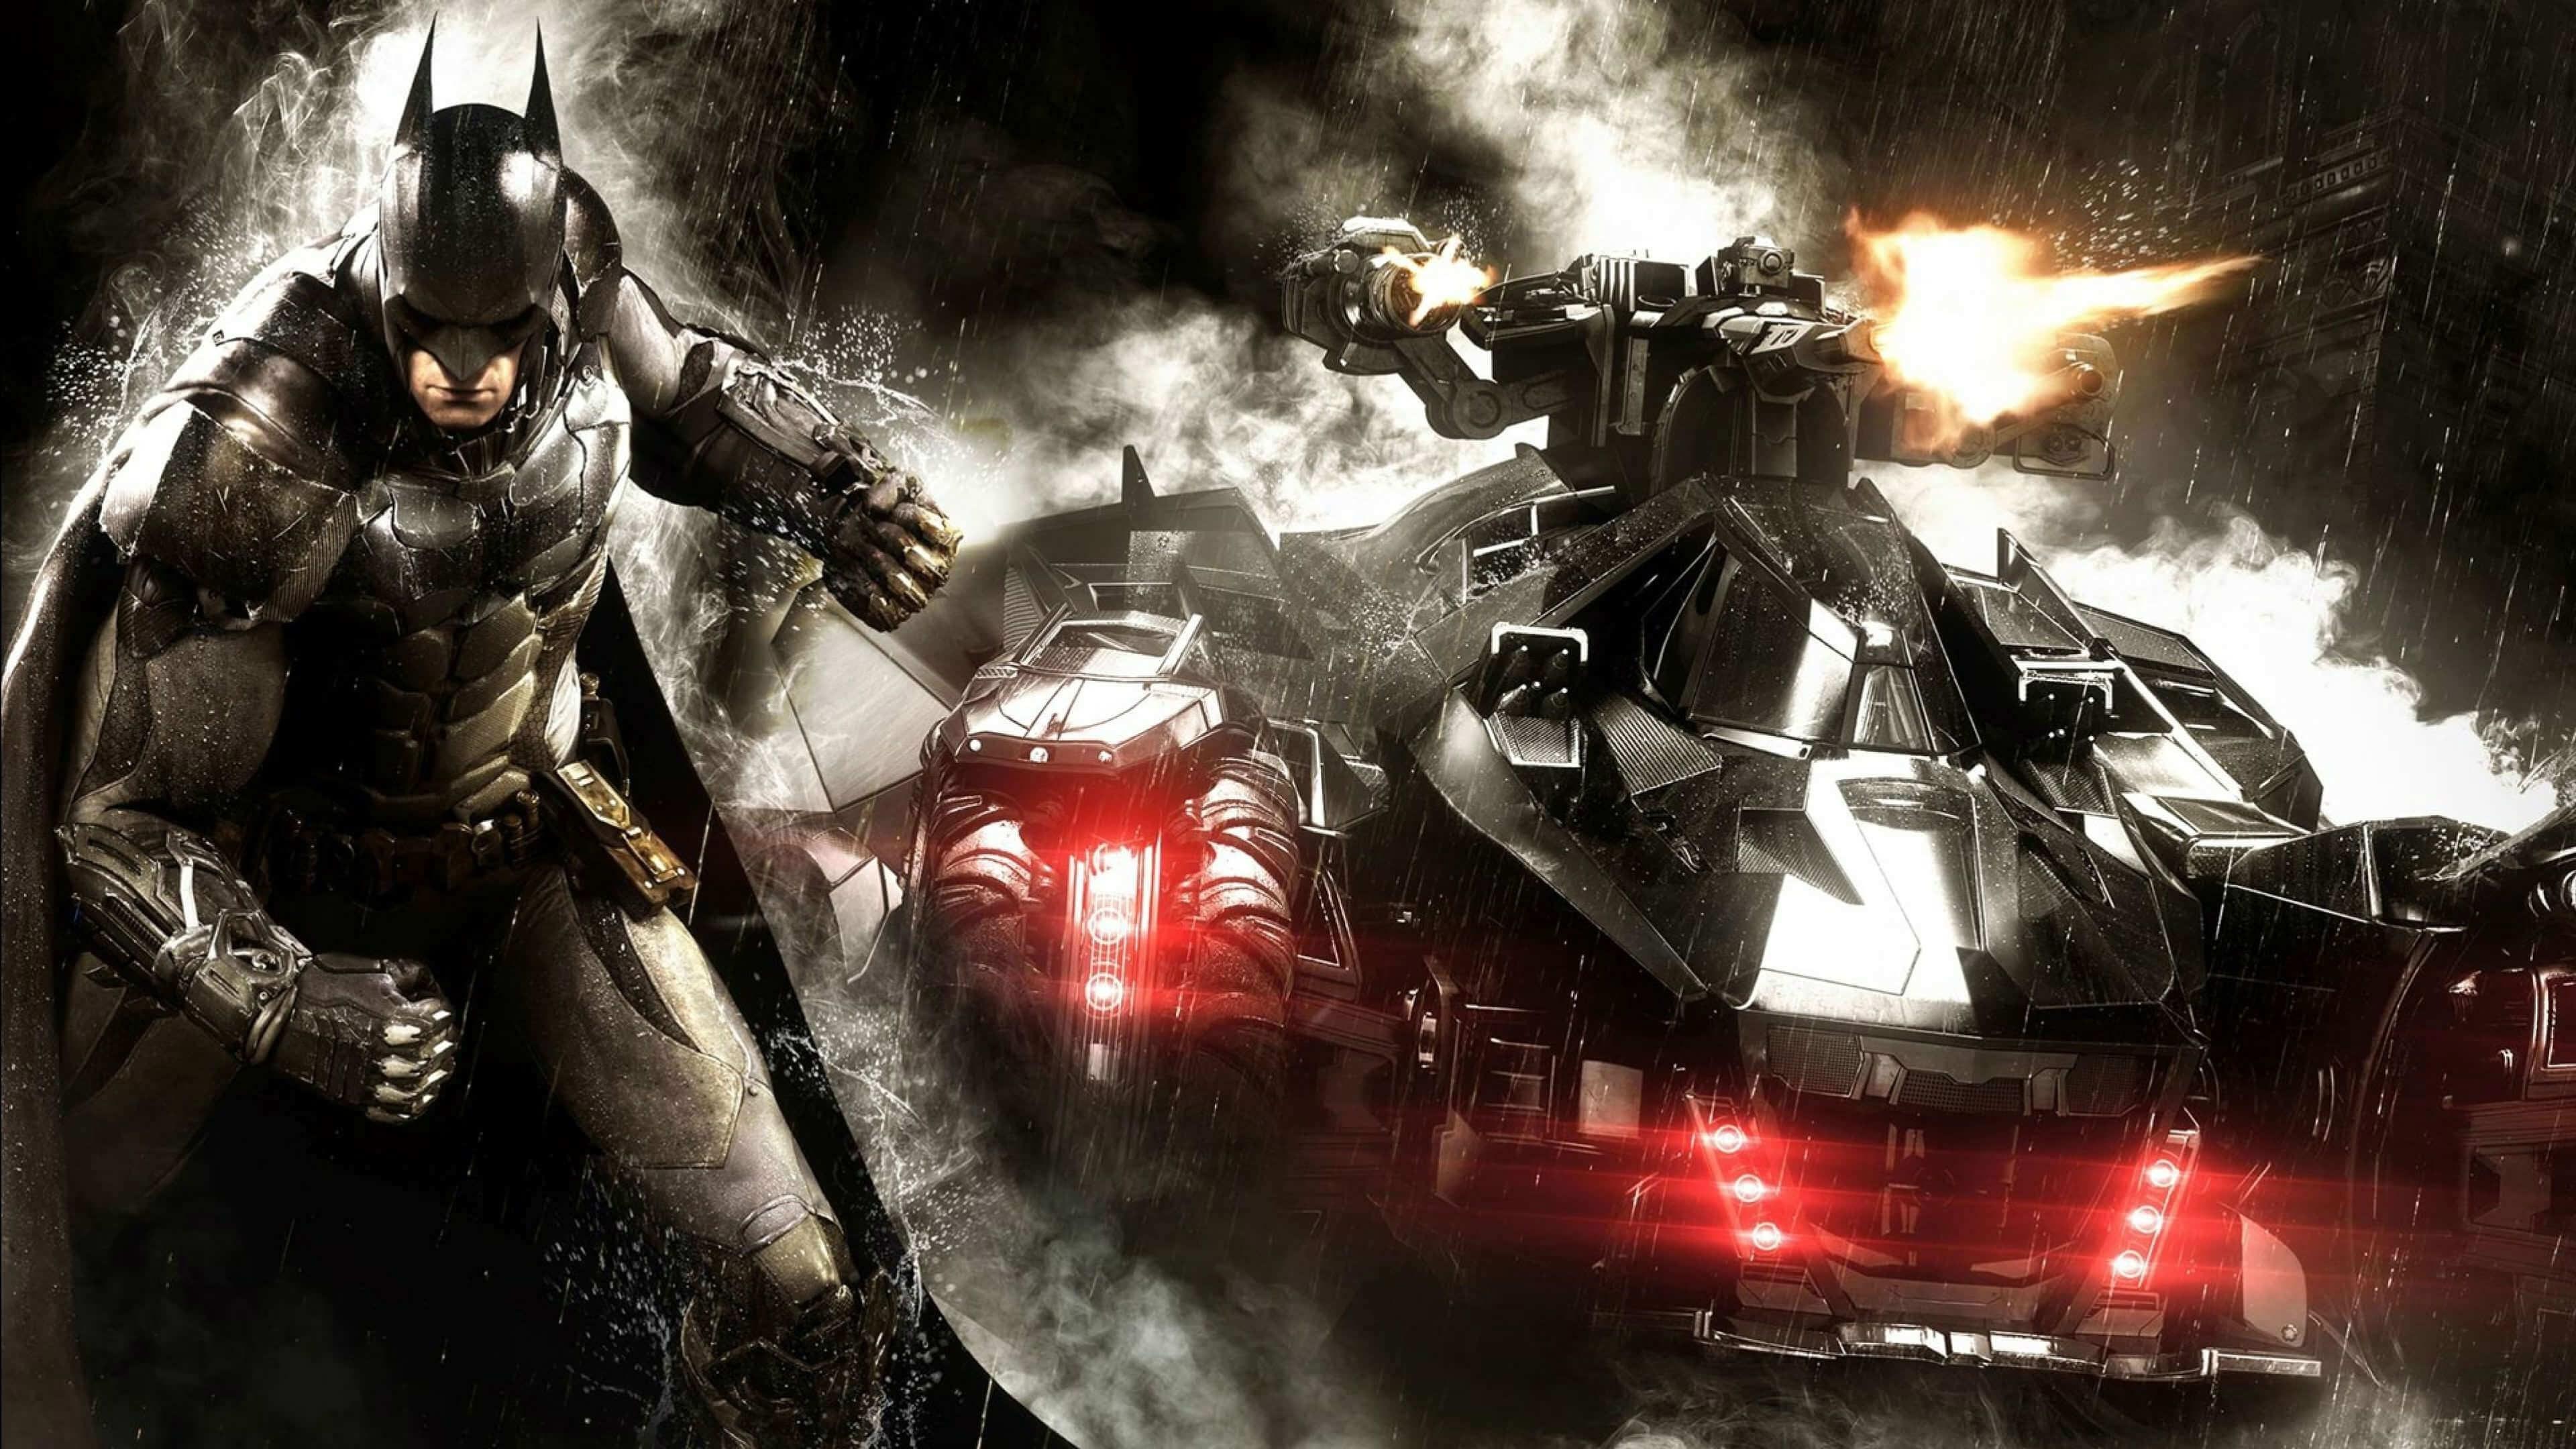 1366x768 Batman Arkham Knight 4k 1366x768 Resolution Hd 4k